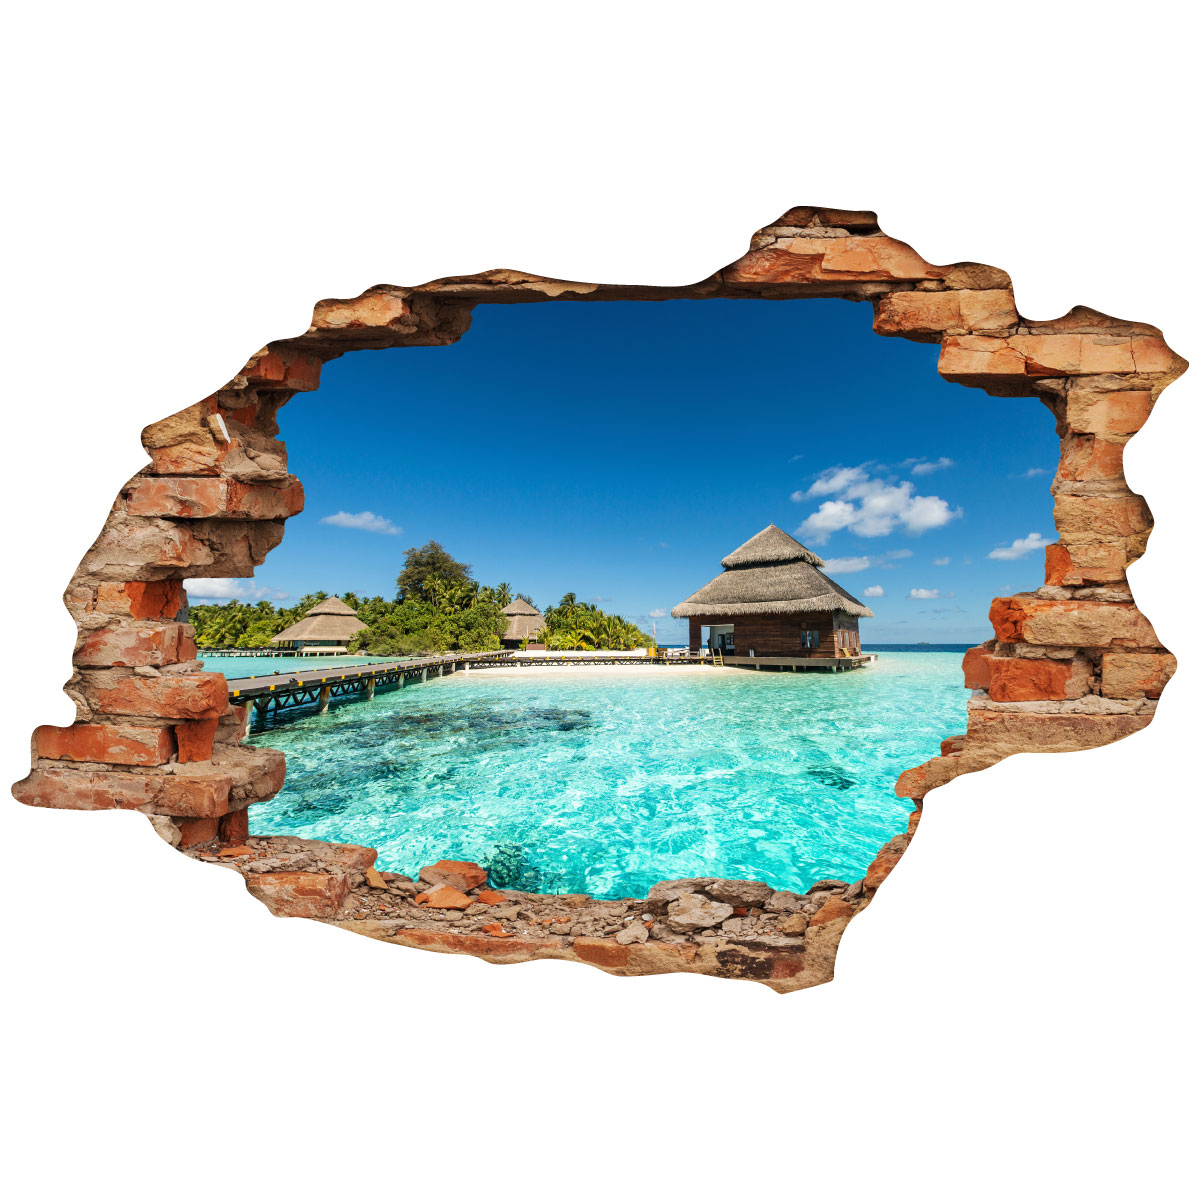 Sticker Trompe Loeil île Paradisiaque Stickers Art Et Design - Plinthe carrelage et tapis de bain bleu lagon